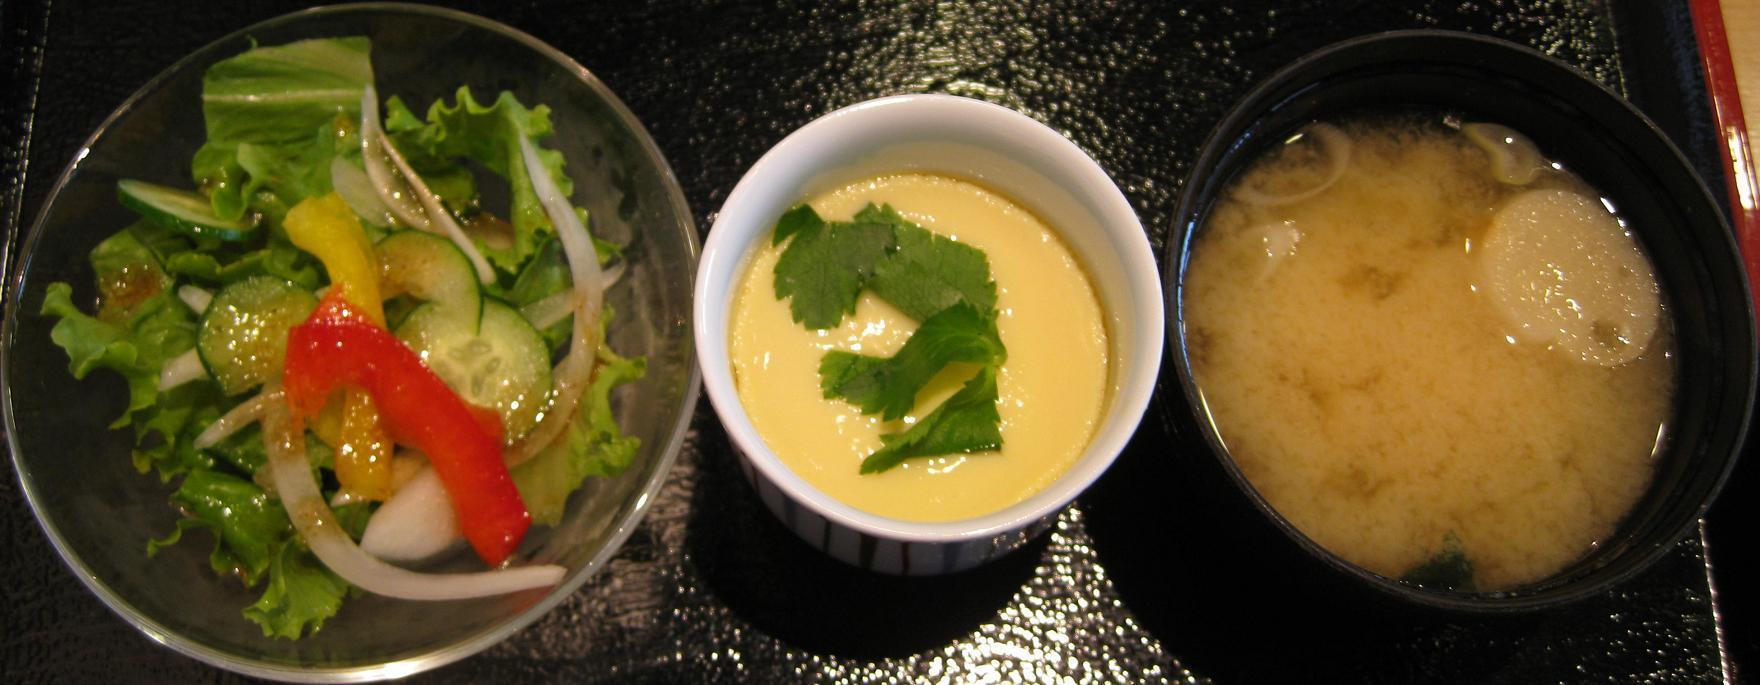 サラダ・茶碗蒸・味噌汁